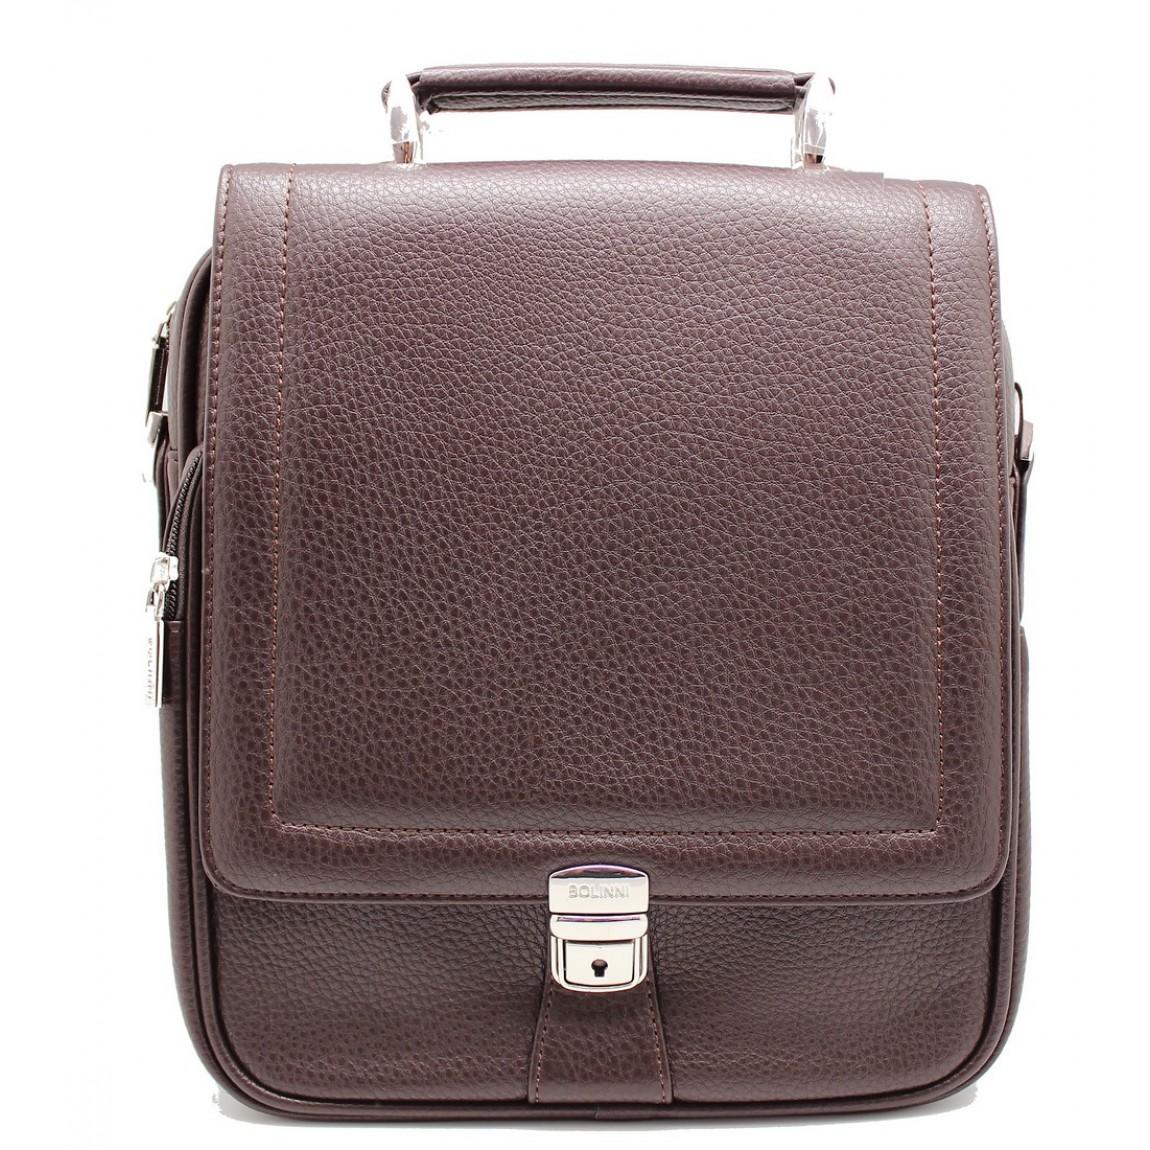 b24a7151dc0d Мужские сумки купить в интернет магазине 1ПрикиД Ру.